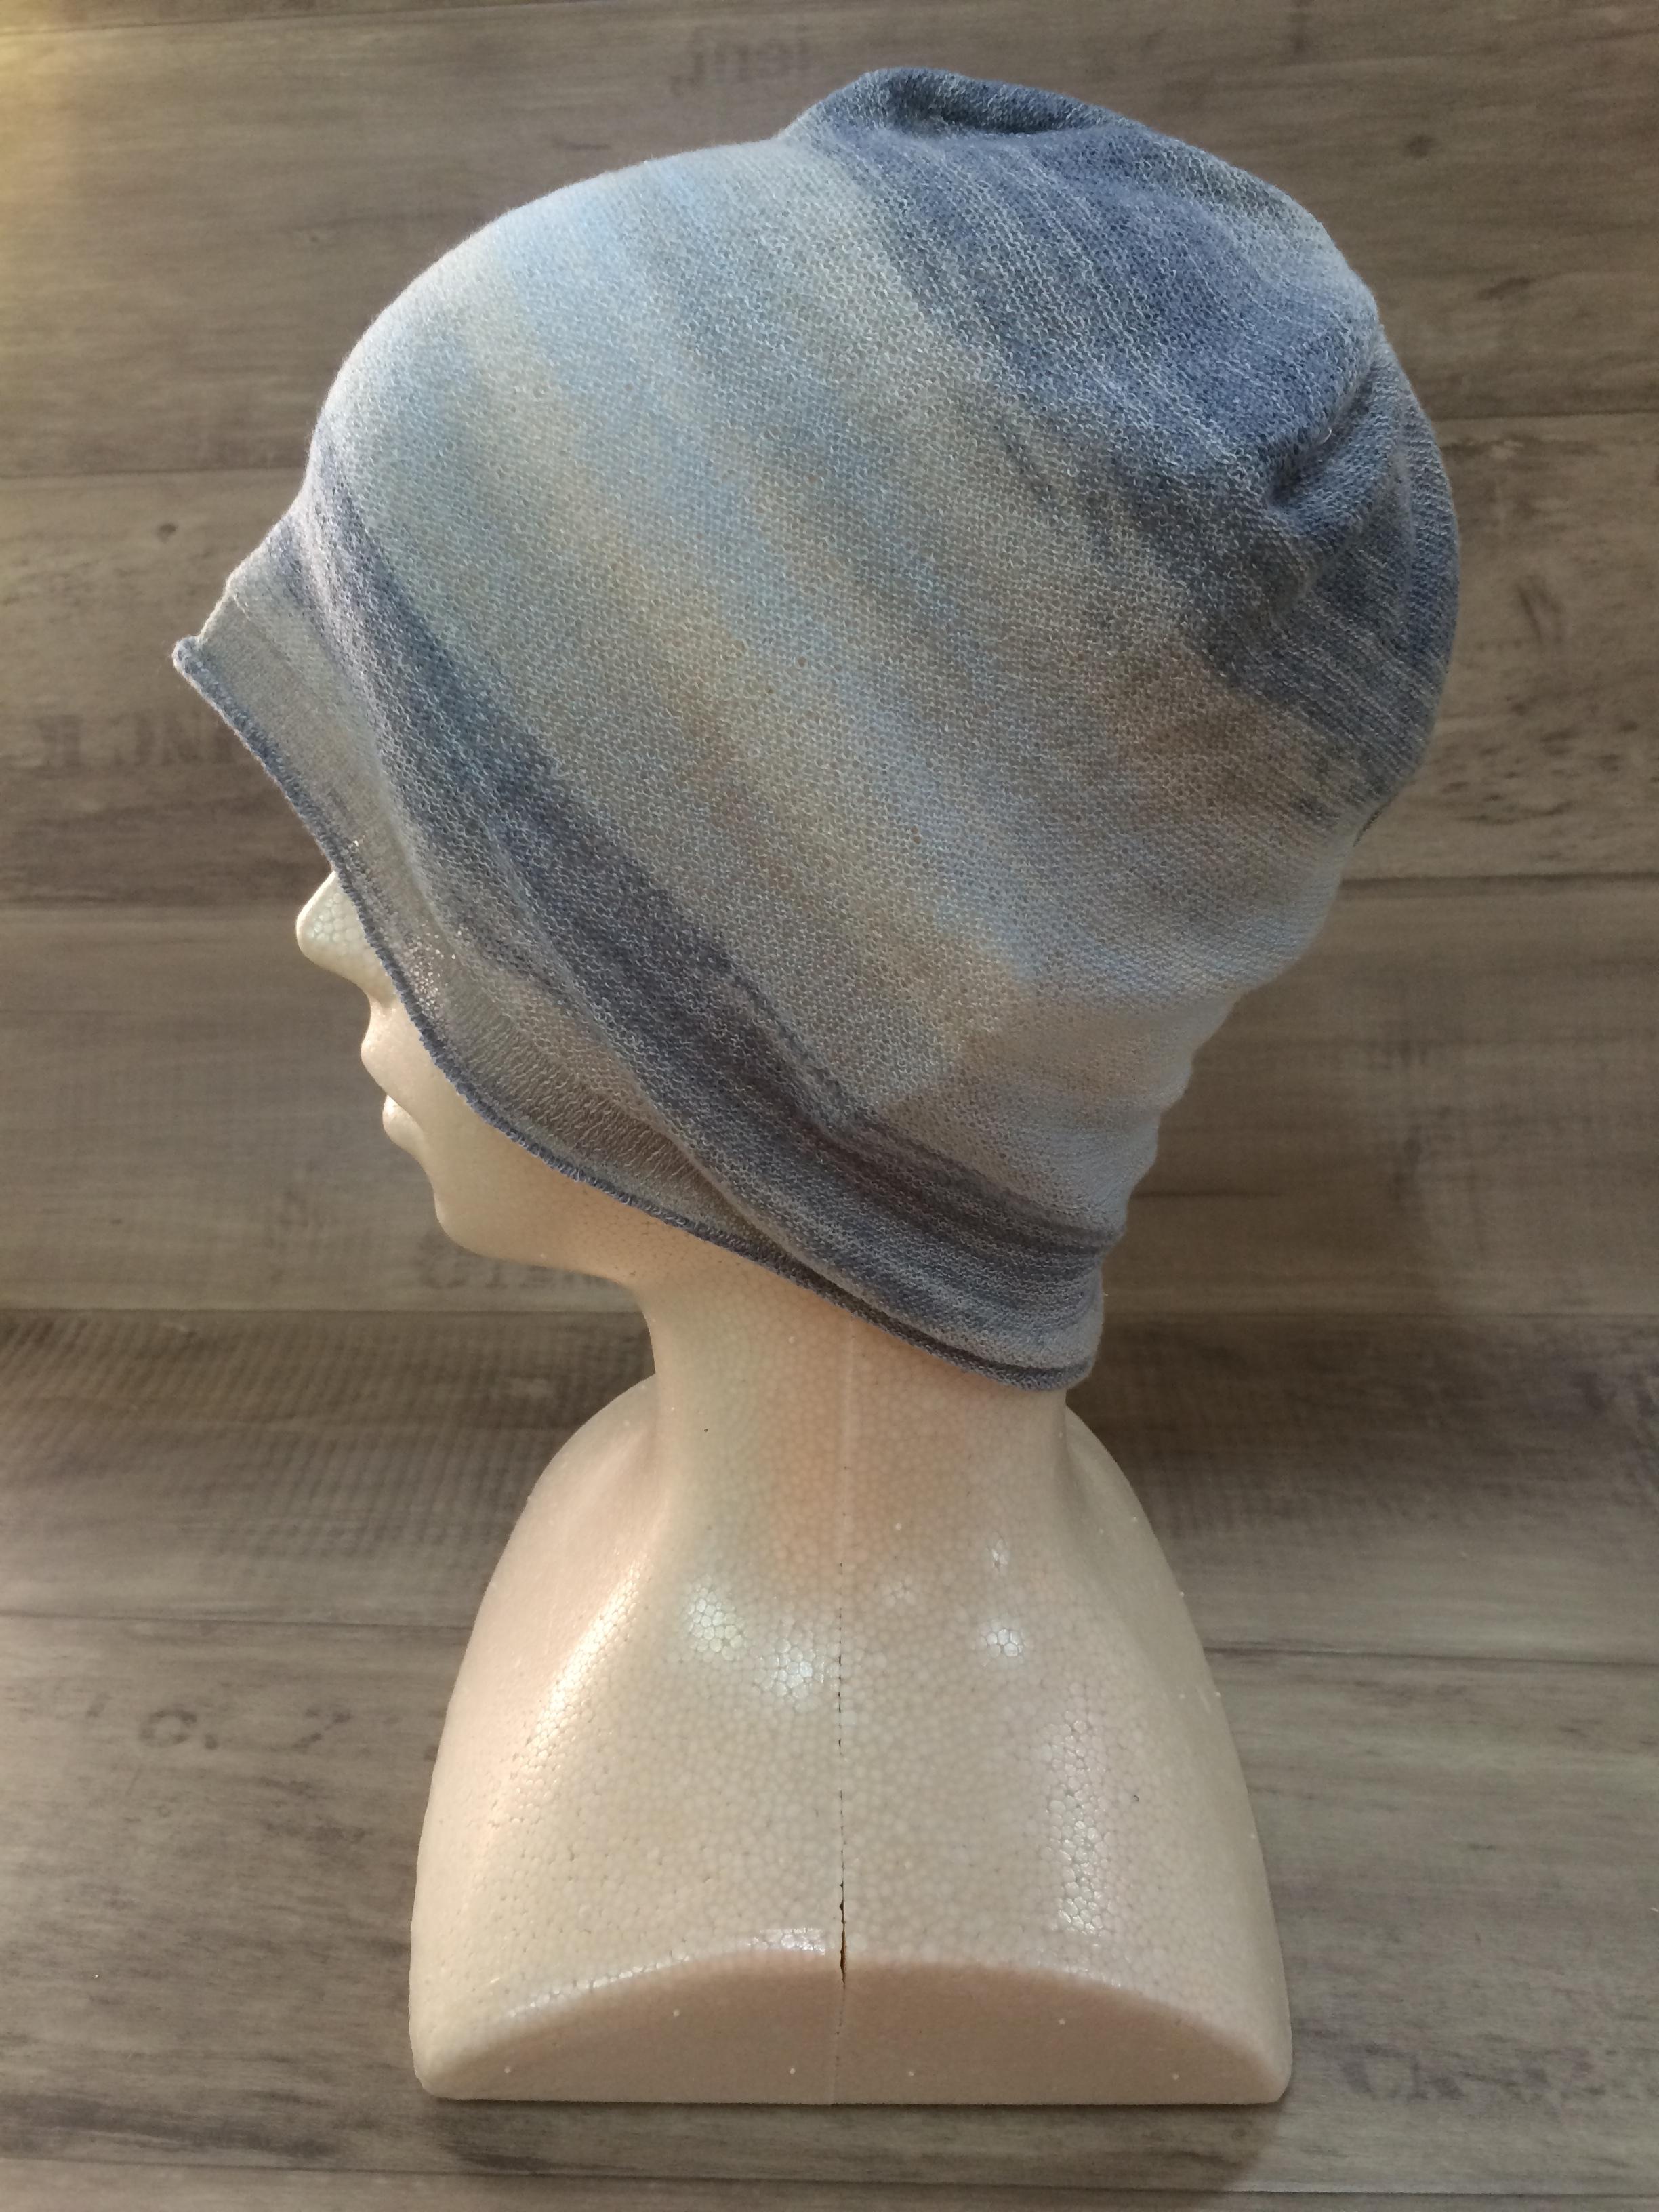 【送料無料】こころが軽くなるニット帽子amuamu|新潟の老舗ニットメーカーが考案した抗がん治療中の脱毛ストレスを軽減する機能性と豊富なデザイン NB-6059|空の海(そらのうみ)